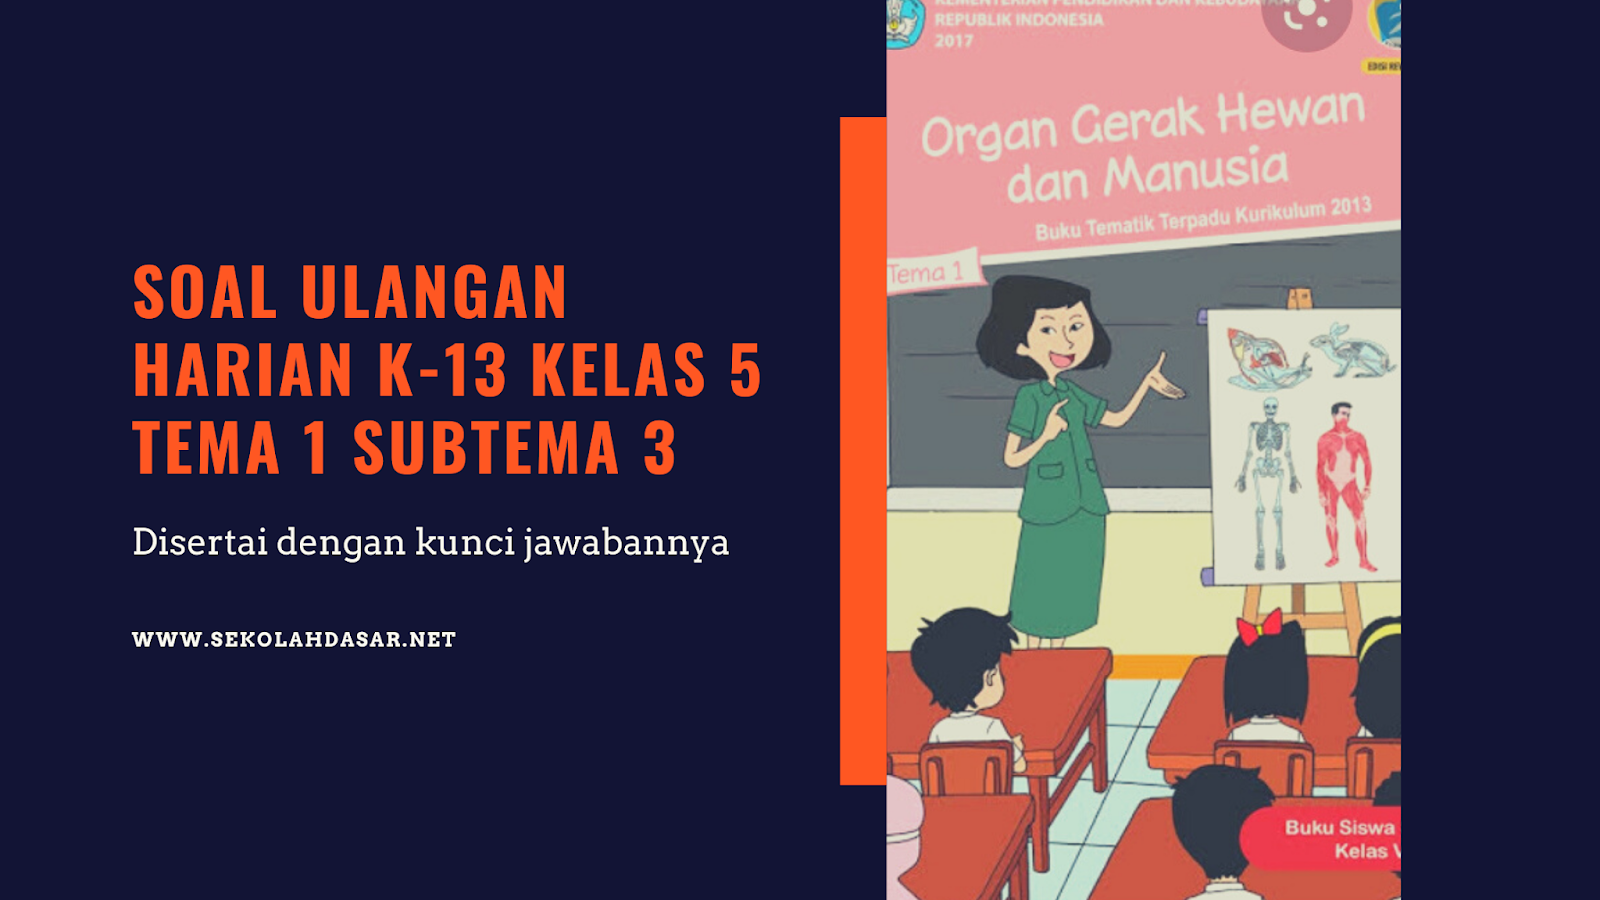 Soal Ulangan Harian K 13 Kelas 5 Tema 1 Subtema 3 Dan Kunci Jawaban Sekolahdasar Net